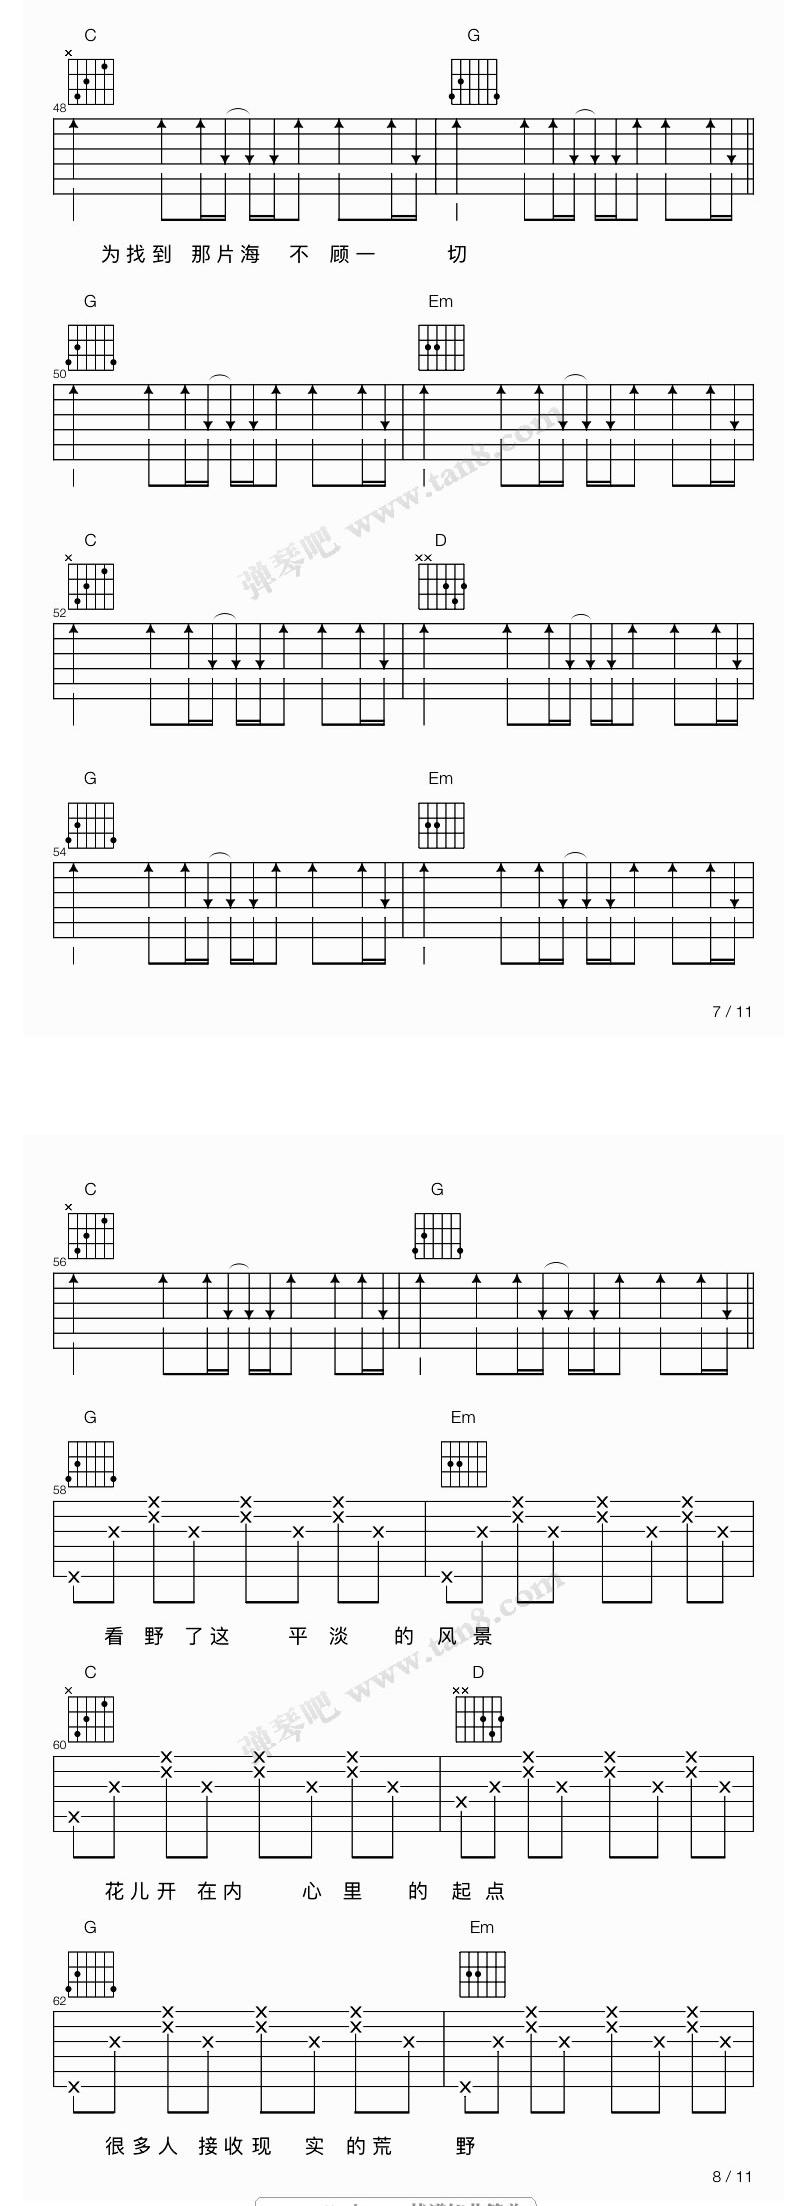 《生活不止眼前的苟且》(许巍演唱)吉他谱第4张